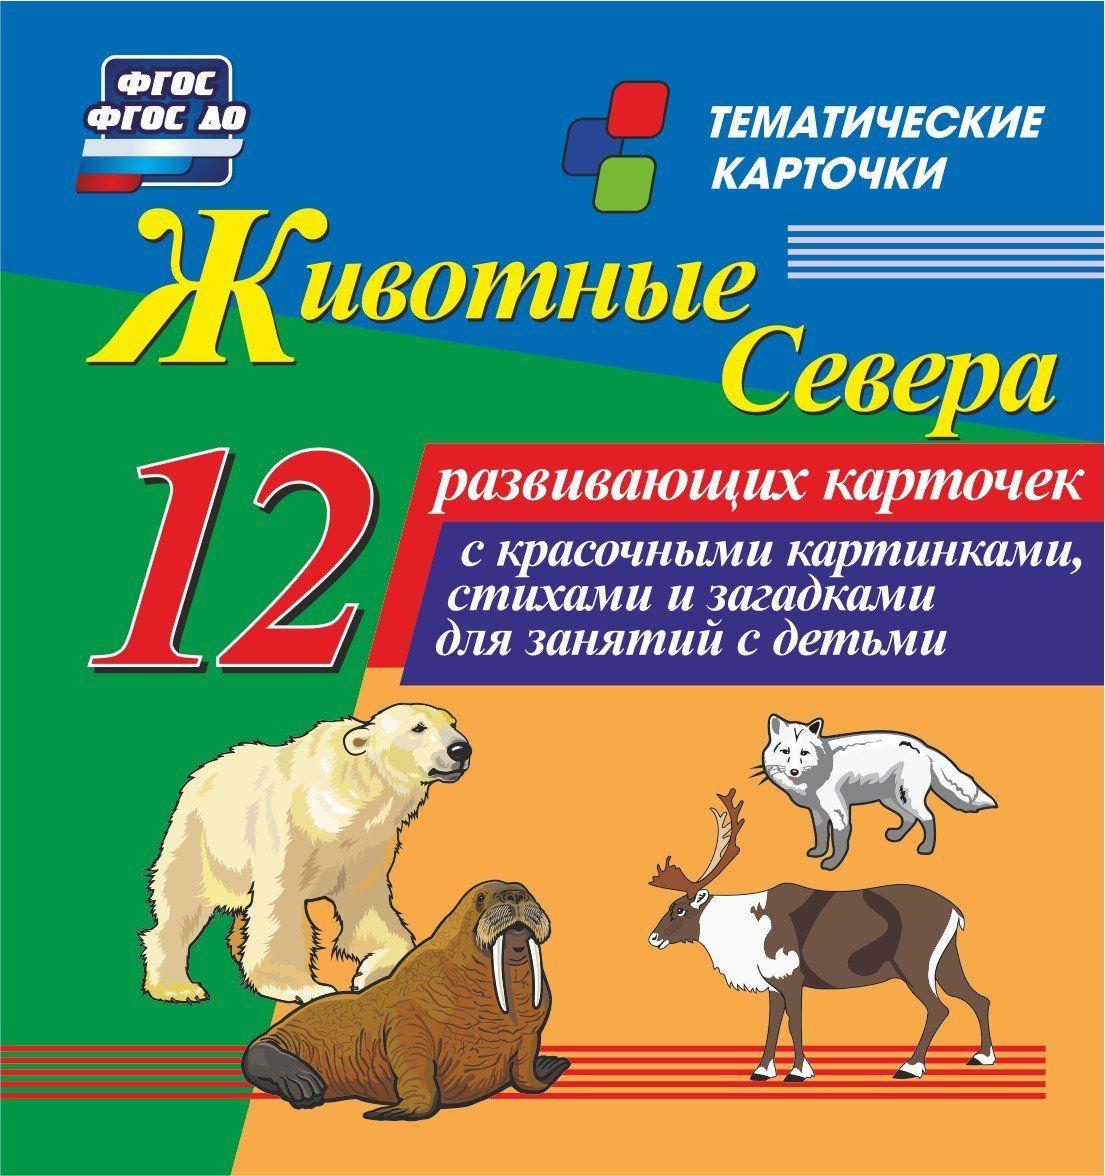 Животные севера: 12 развивающих карточек с красочными картинками, стихами и загадками для занятий с детьмиРазвитие дошкольника<br>Комплект тематических карточек Животные севера:1. белый медведь; 2. тюлень; 3. морж; 4. северный олень; 5. арктический волк; 6. песец; 7. морской лев; 8. норка; 9. арктический заяц-беляк; 10. королевский пингвин; 11. ласка; 12. горностай.<br><br>Год: 2017<br>Серия: Тематические карточки<br>Высота: 99<br>Ширина: 93<br>Толщина: 8<br>Переплёт: набор